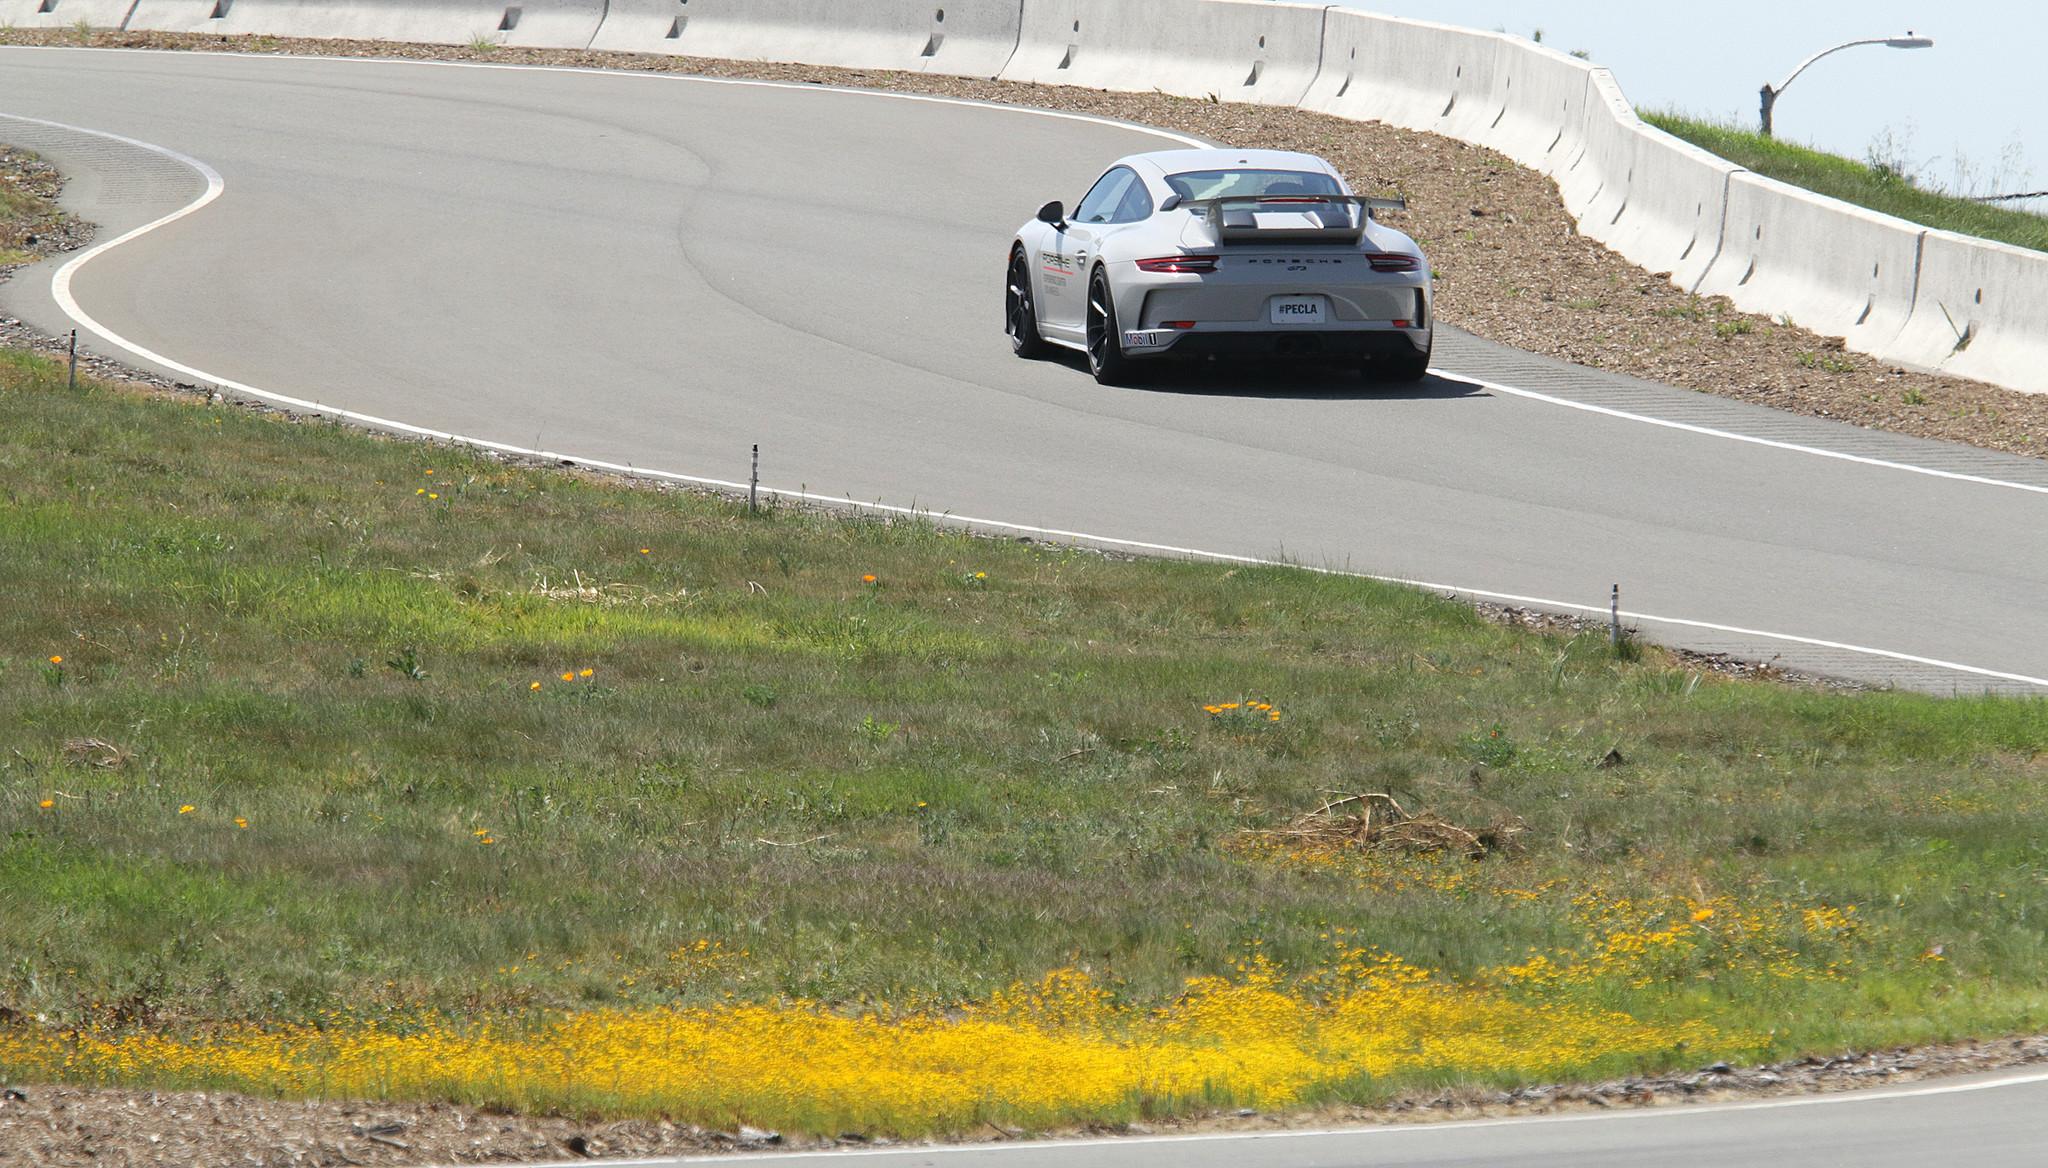 CARSON, CA-APRIL 10, 2018: A Porsche GT3 negotiates the Handling Circuit at the Porsche Experience C